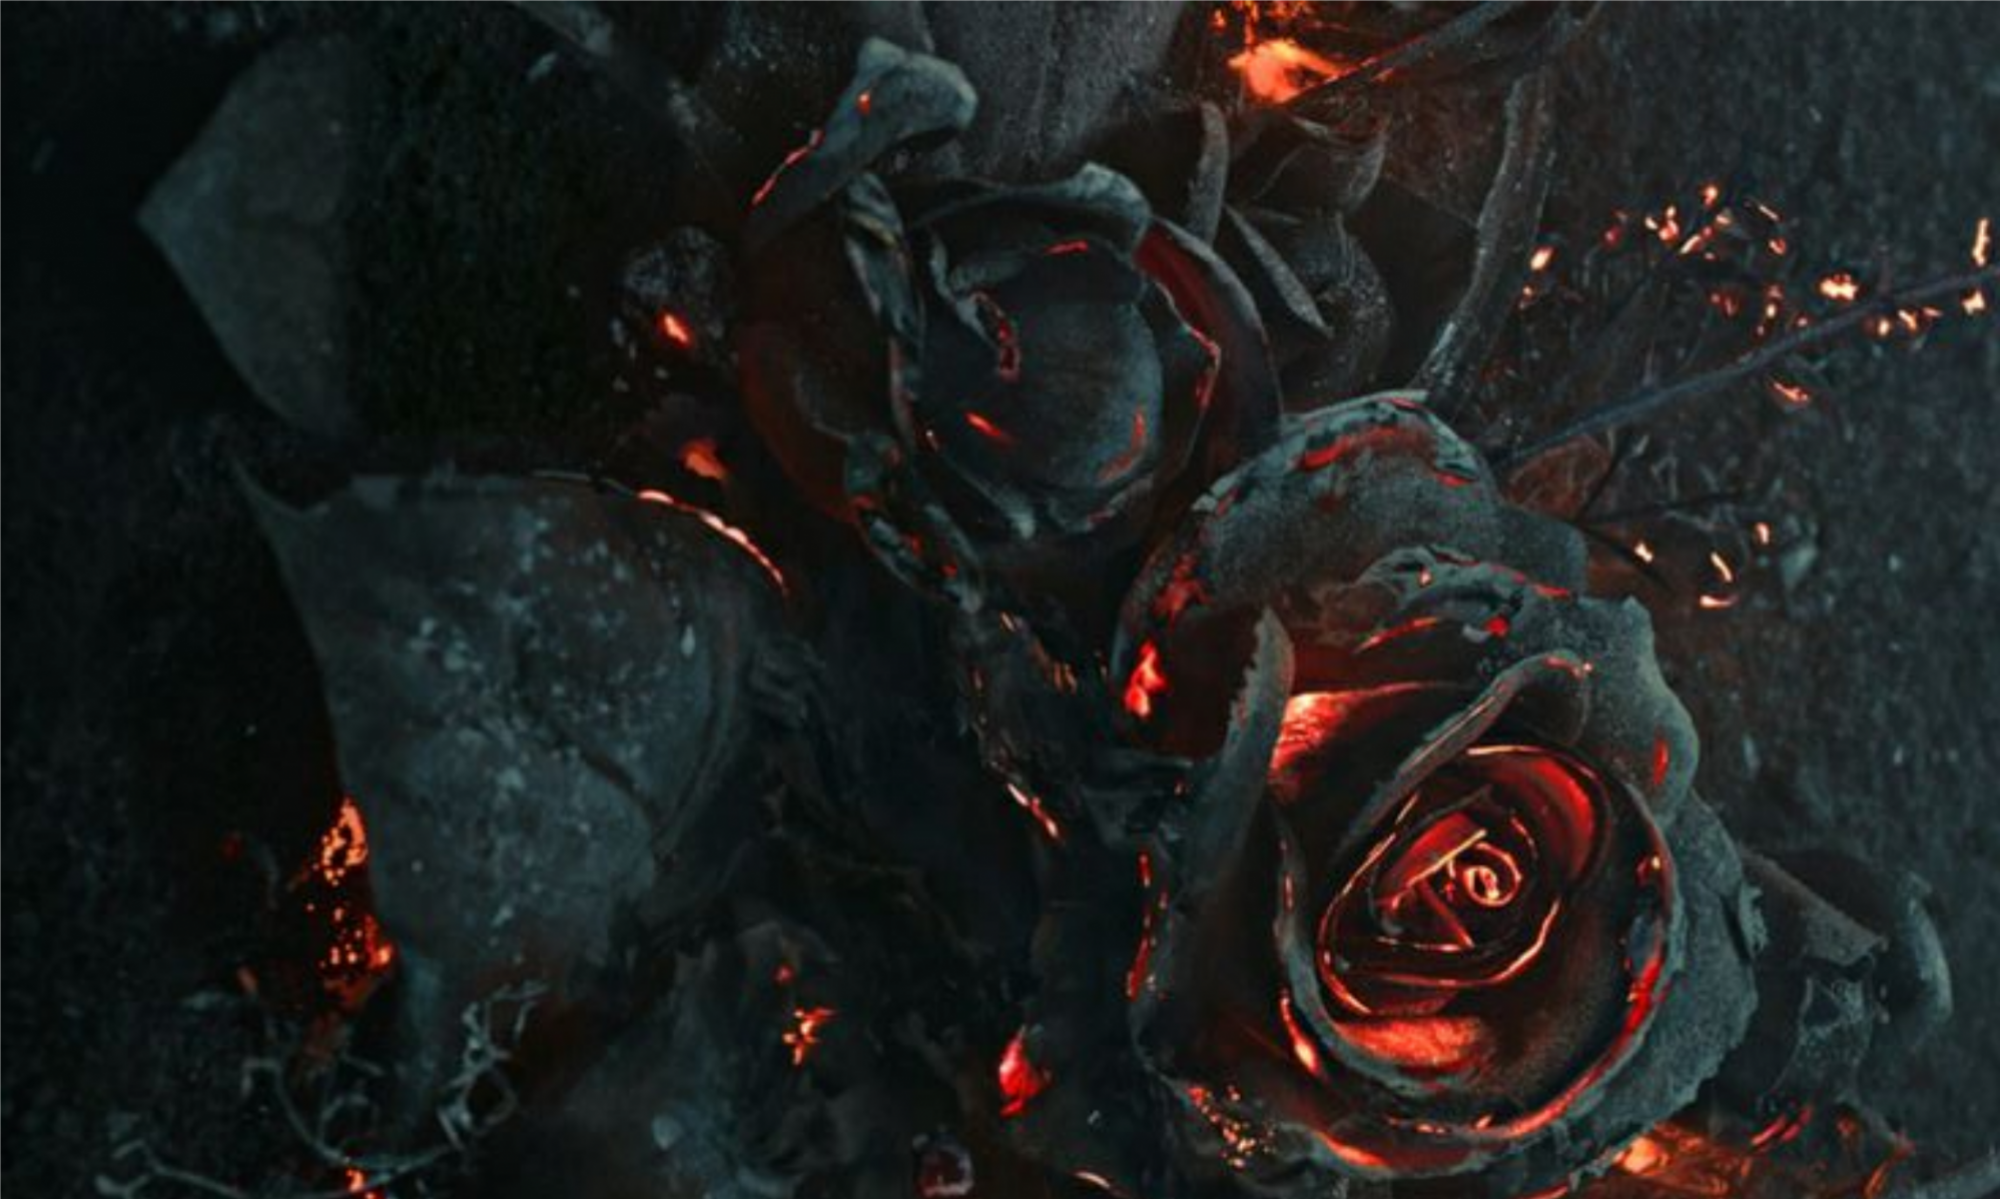 Rosa de Foc